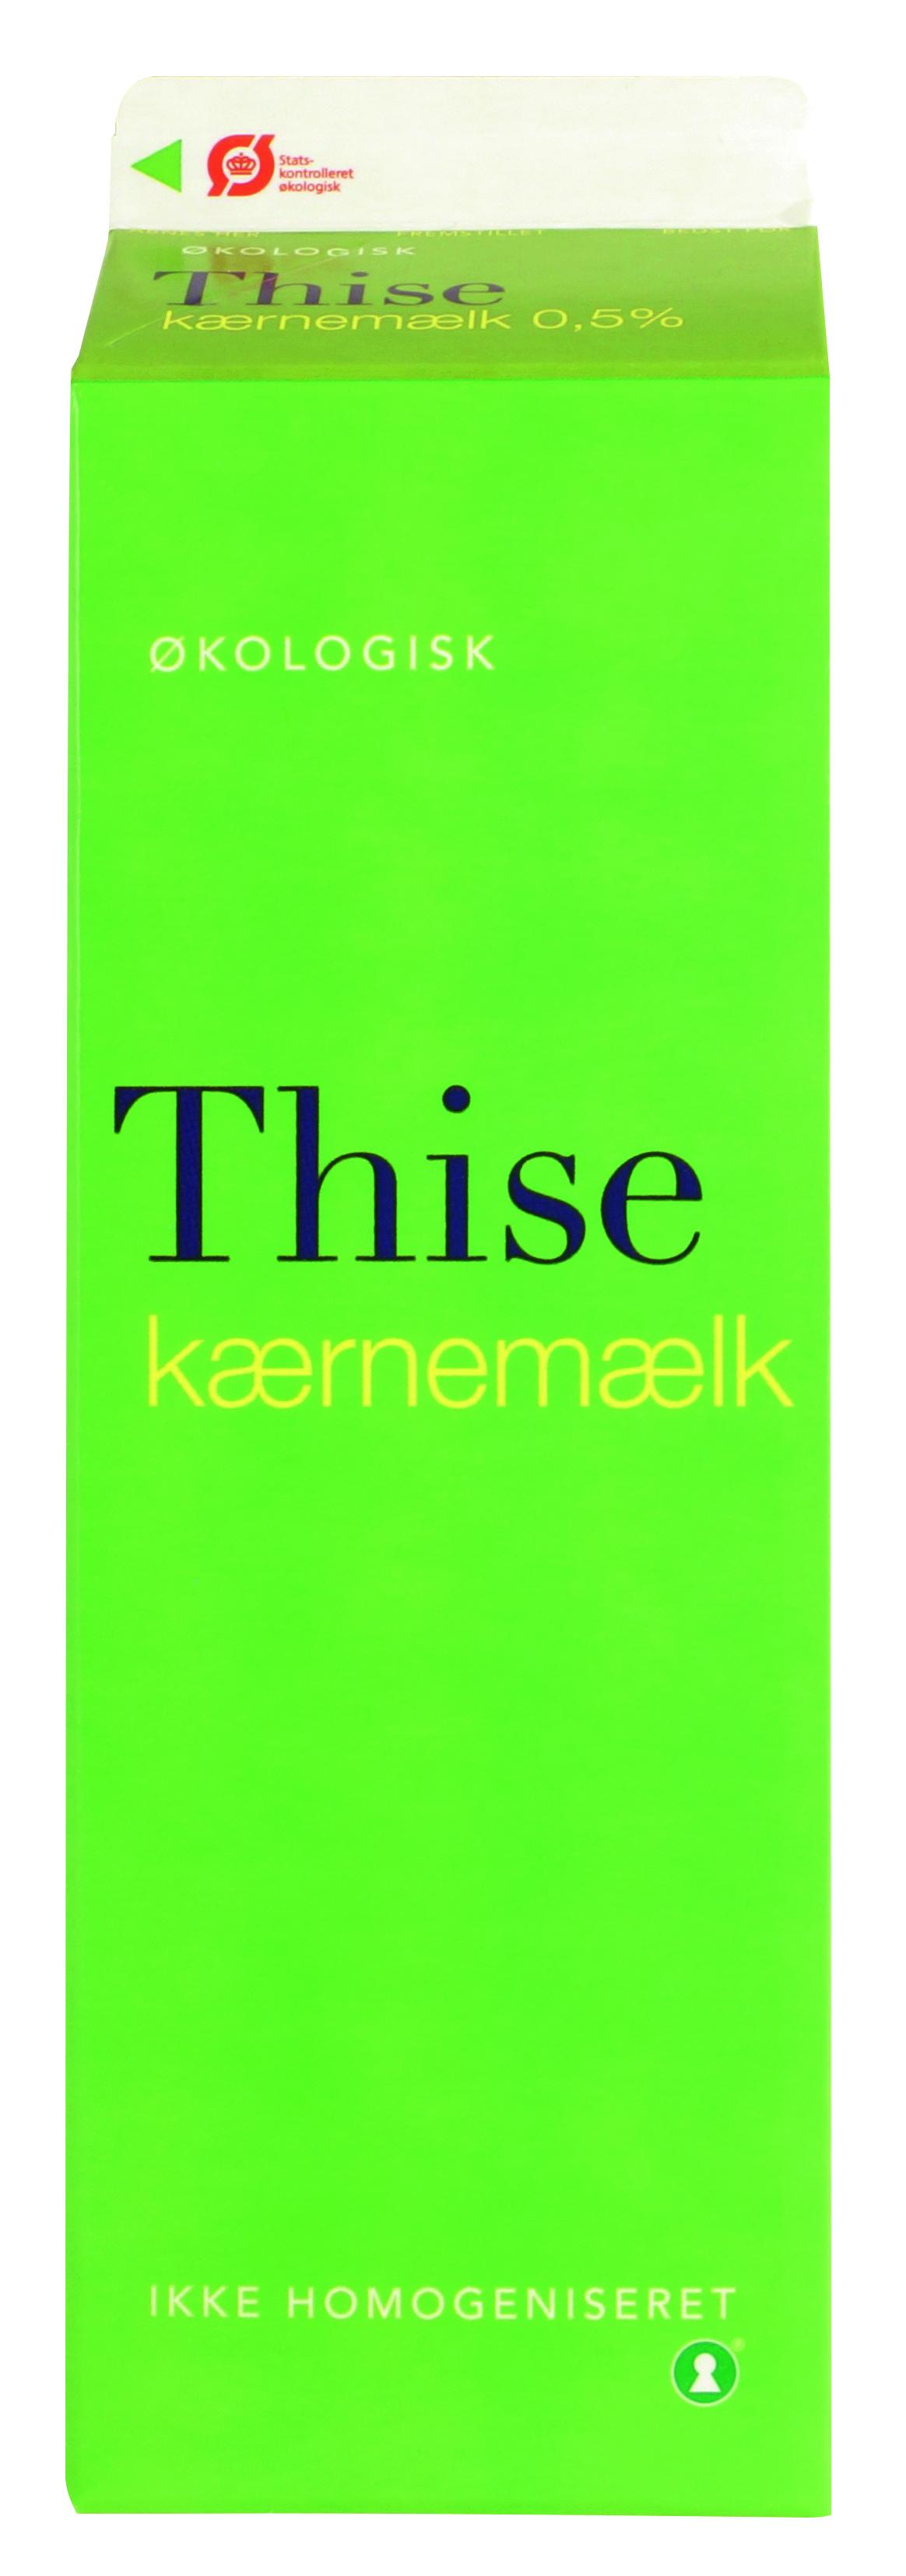 Kærnemælk Thise 1 l